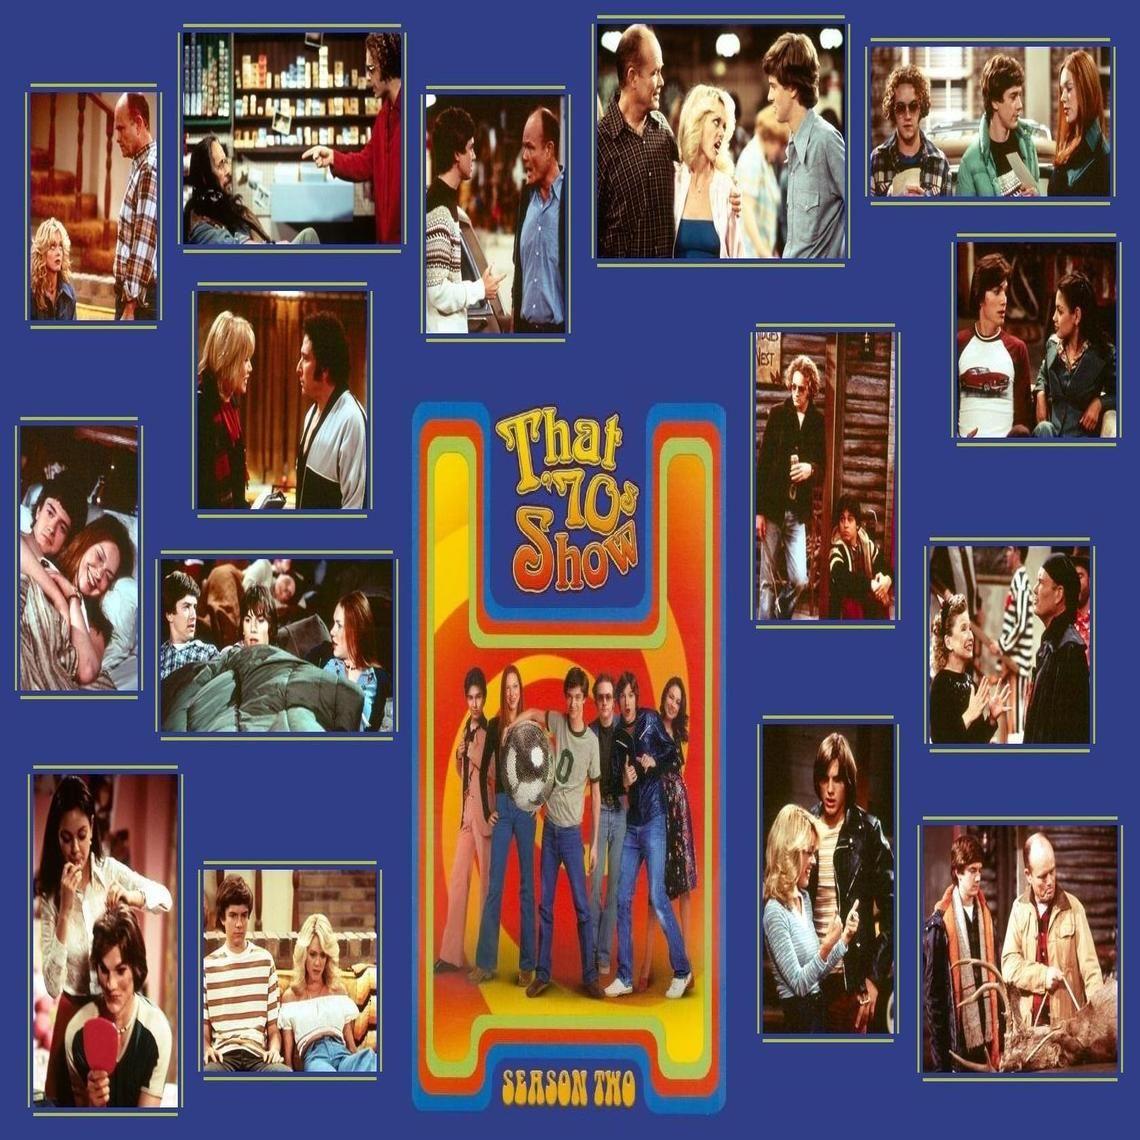 That 70's Show Season 2